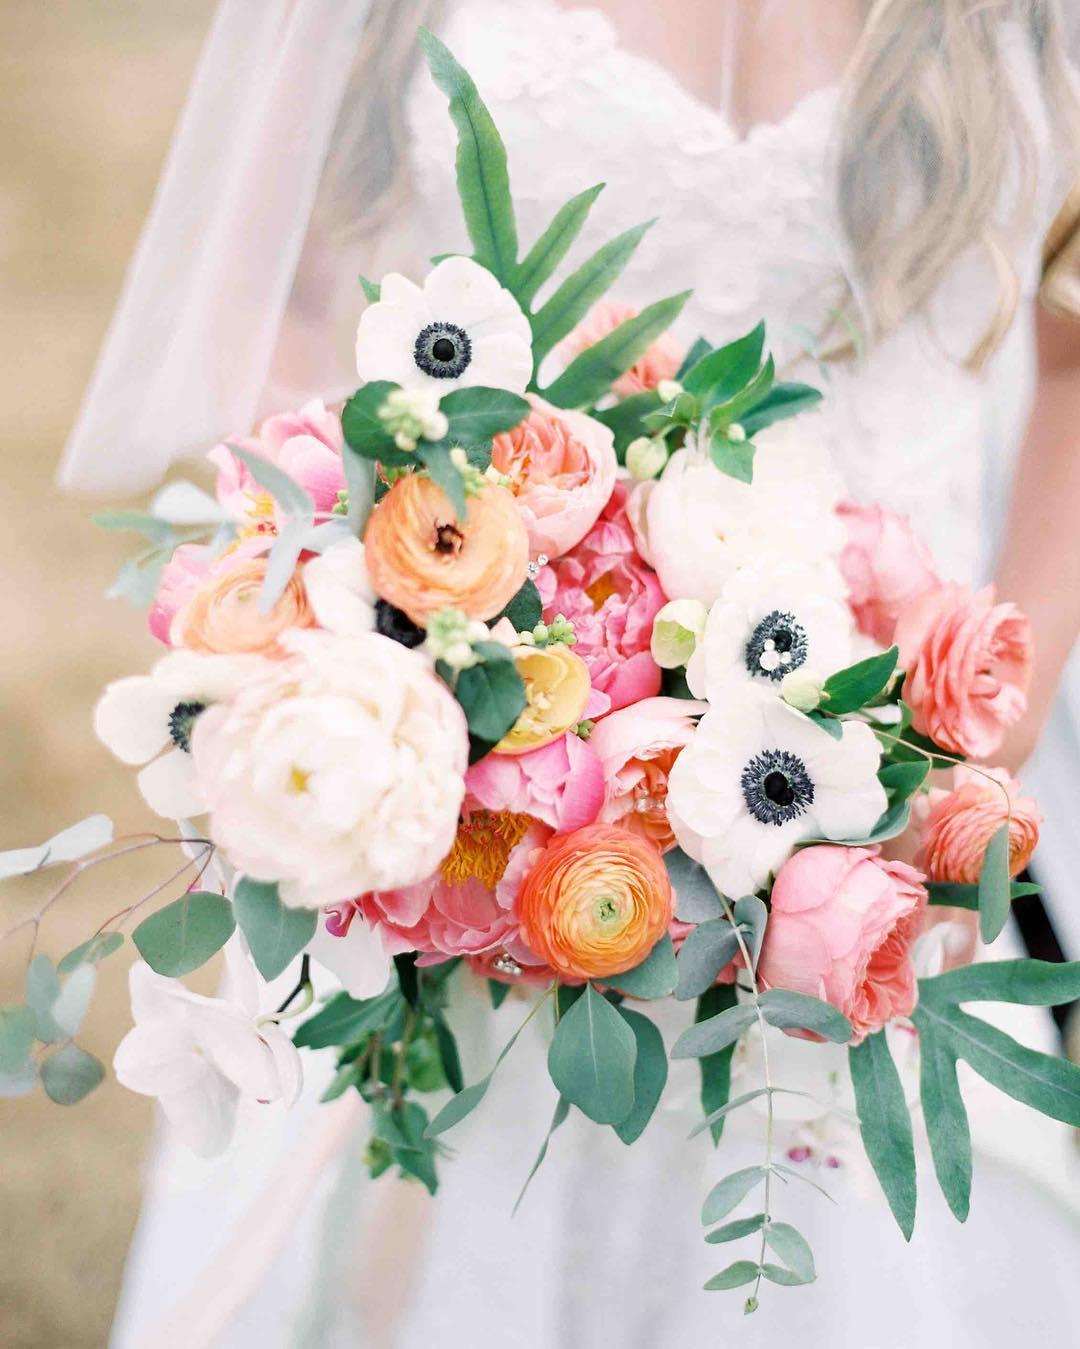 {love•ly} photo | @jharperphoto  styling/planning| @nhwedplanner . . #bride #bouquet #prettyflowers #bridebling #oceanside #mainewedding #flowers #weddingdesign #coral #peach #blush #anemones #peonies #ranunculus #lovely #disney #lotusfloraldesigns #weddingflorist #weddingflowers #love